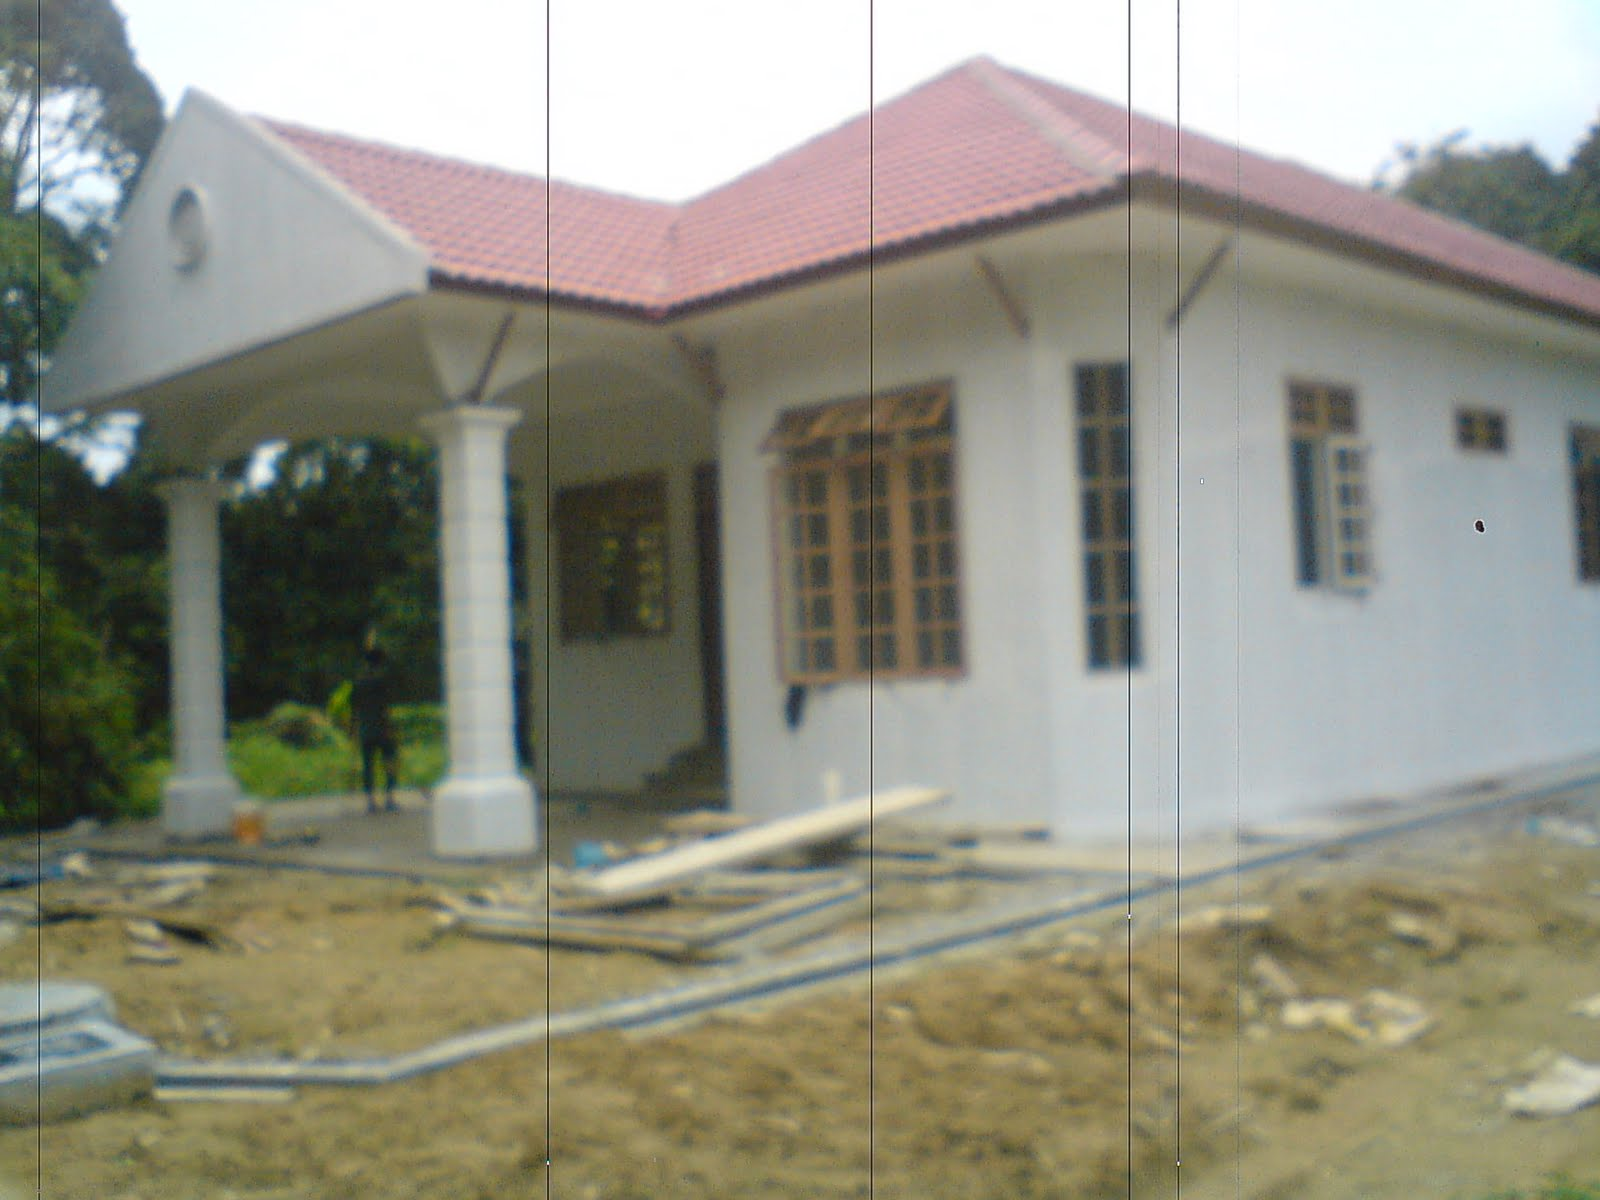 masih dlm pembinaan kurang 3 bulan projek hendak disiapkan harga rm450